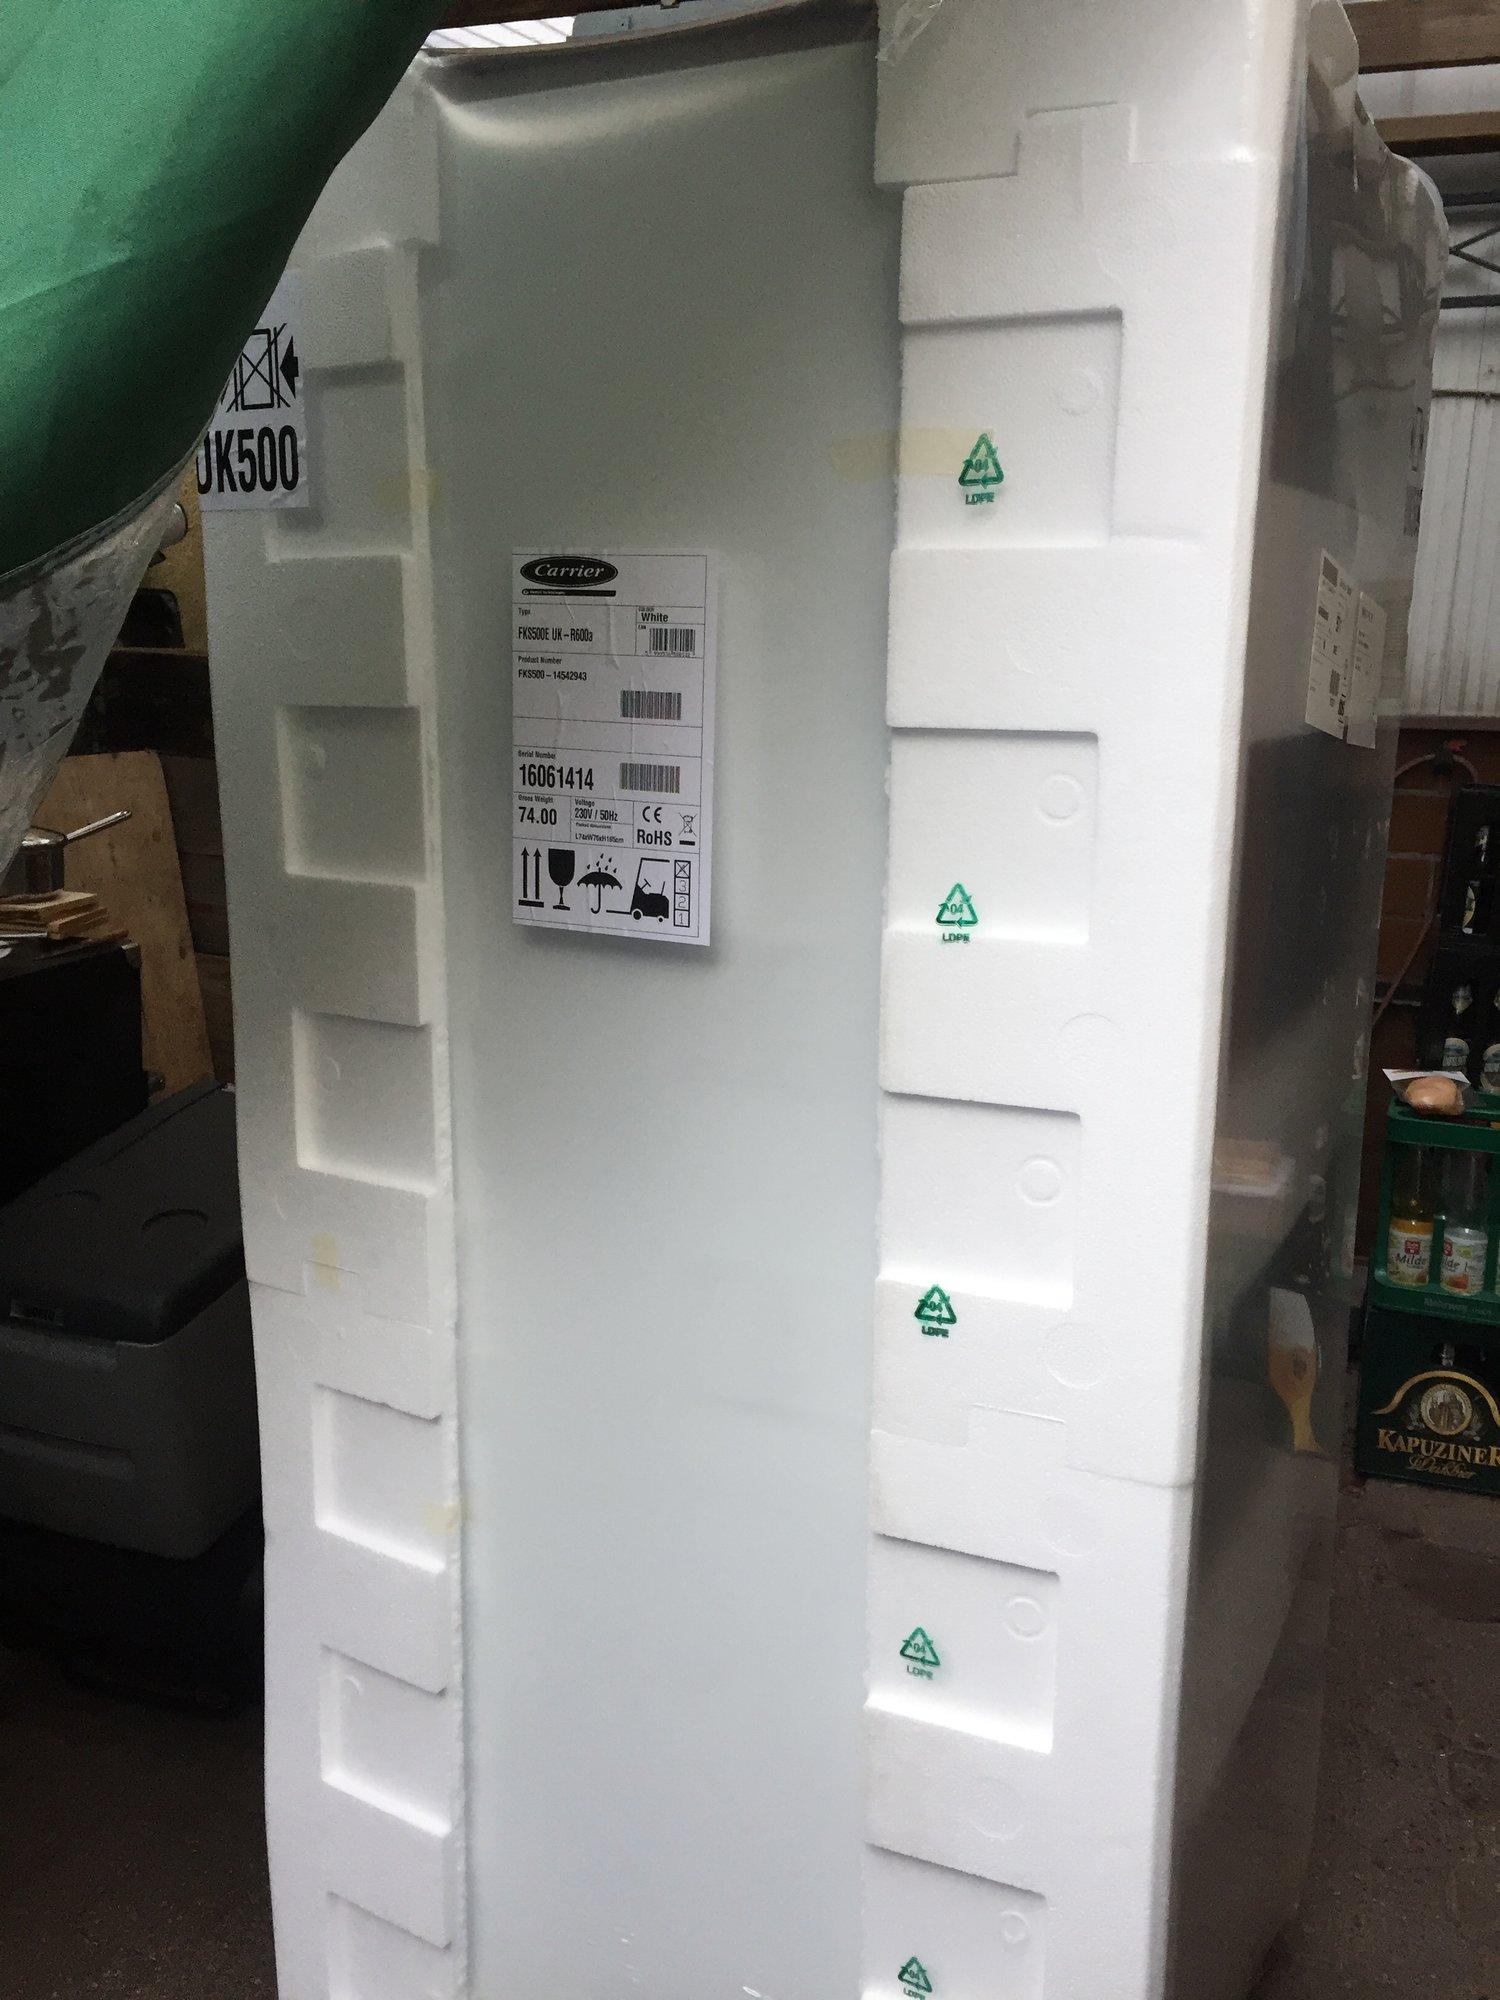 Gewerbe / Gastro - Kühlschrank \